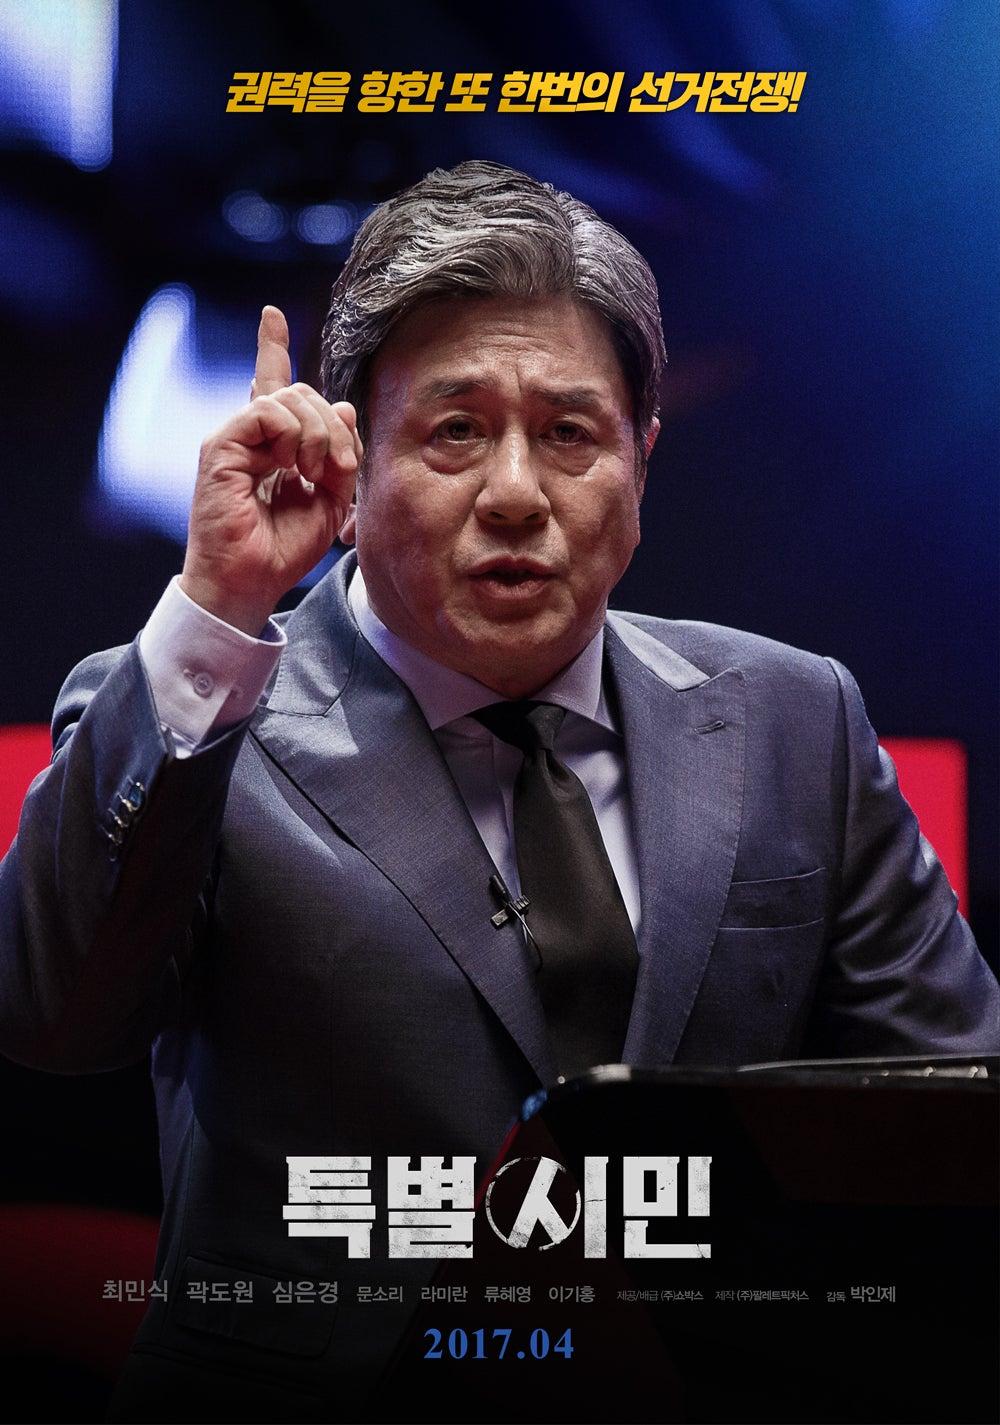 韓國映畫「特別市民 」   kazumiのミーハーワールド!